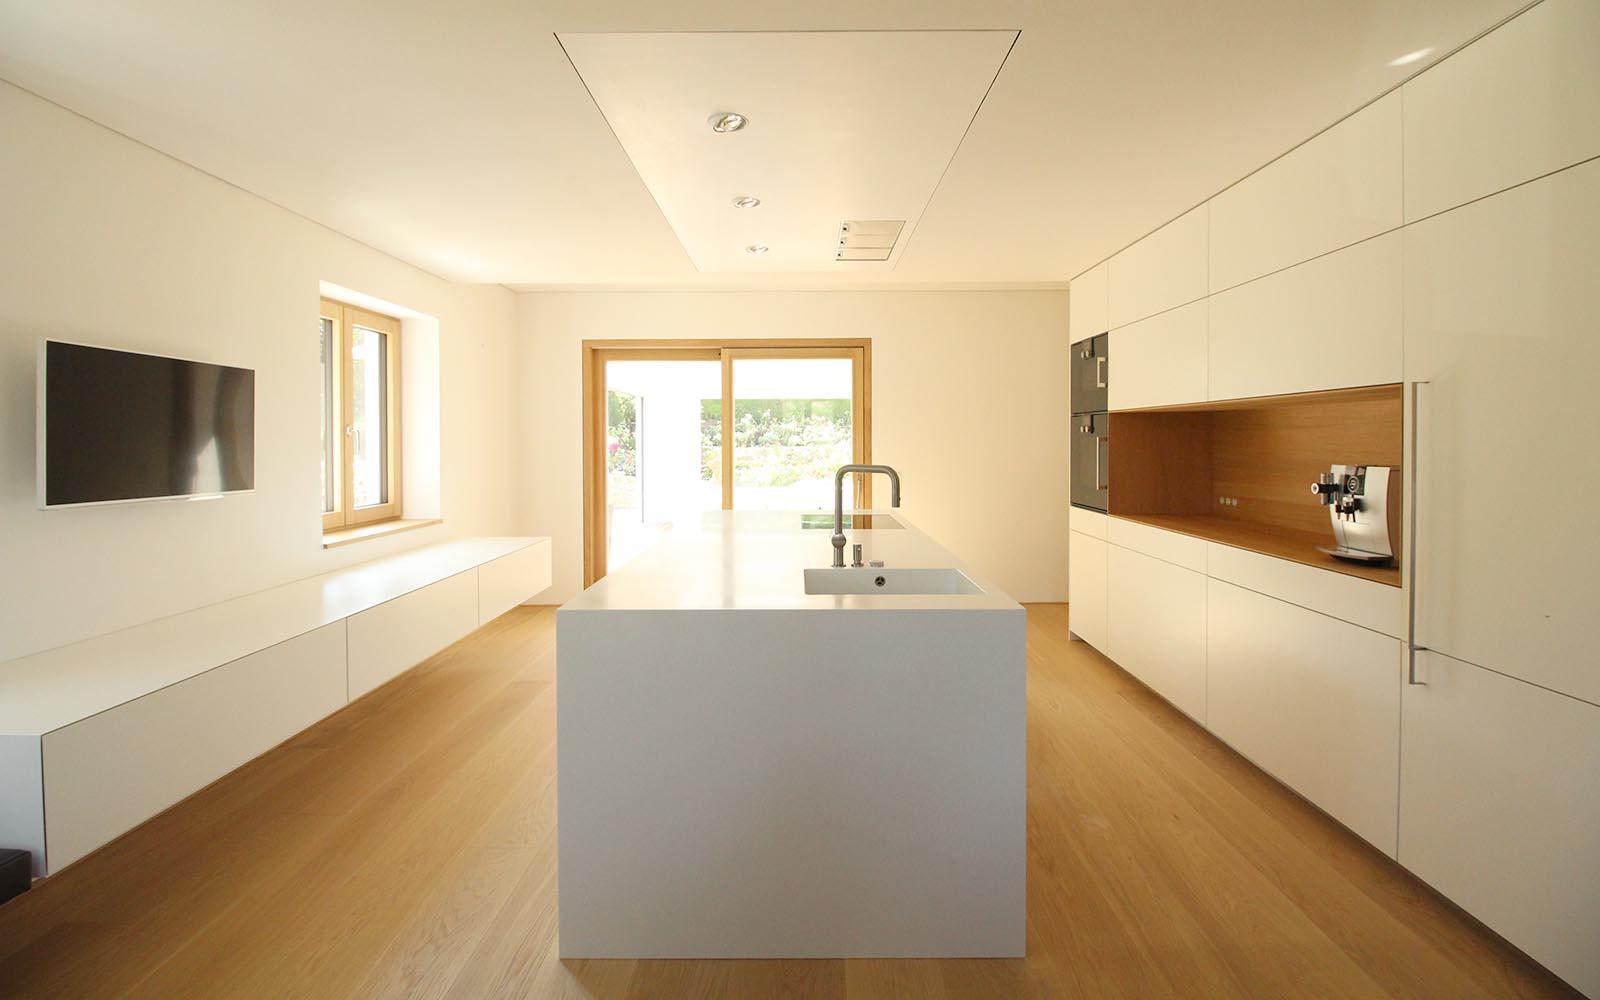 Projekte for Einfamilienhaus modelle